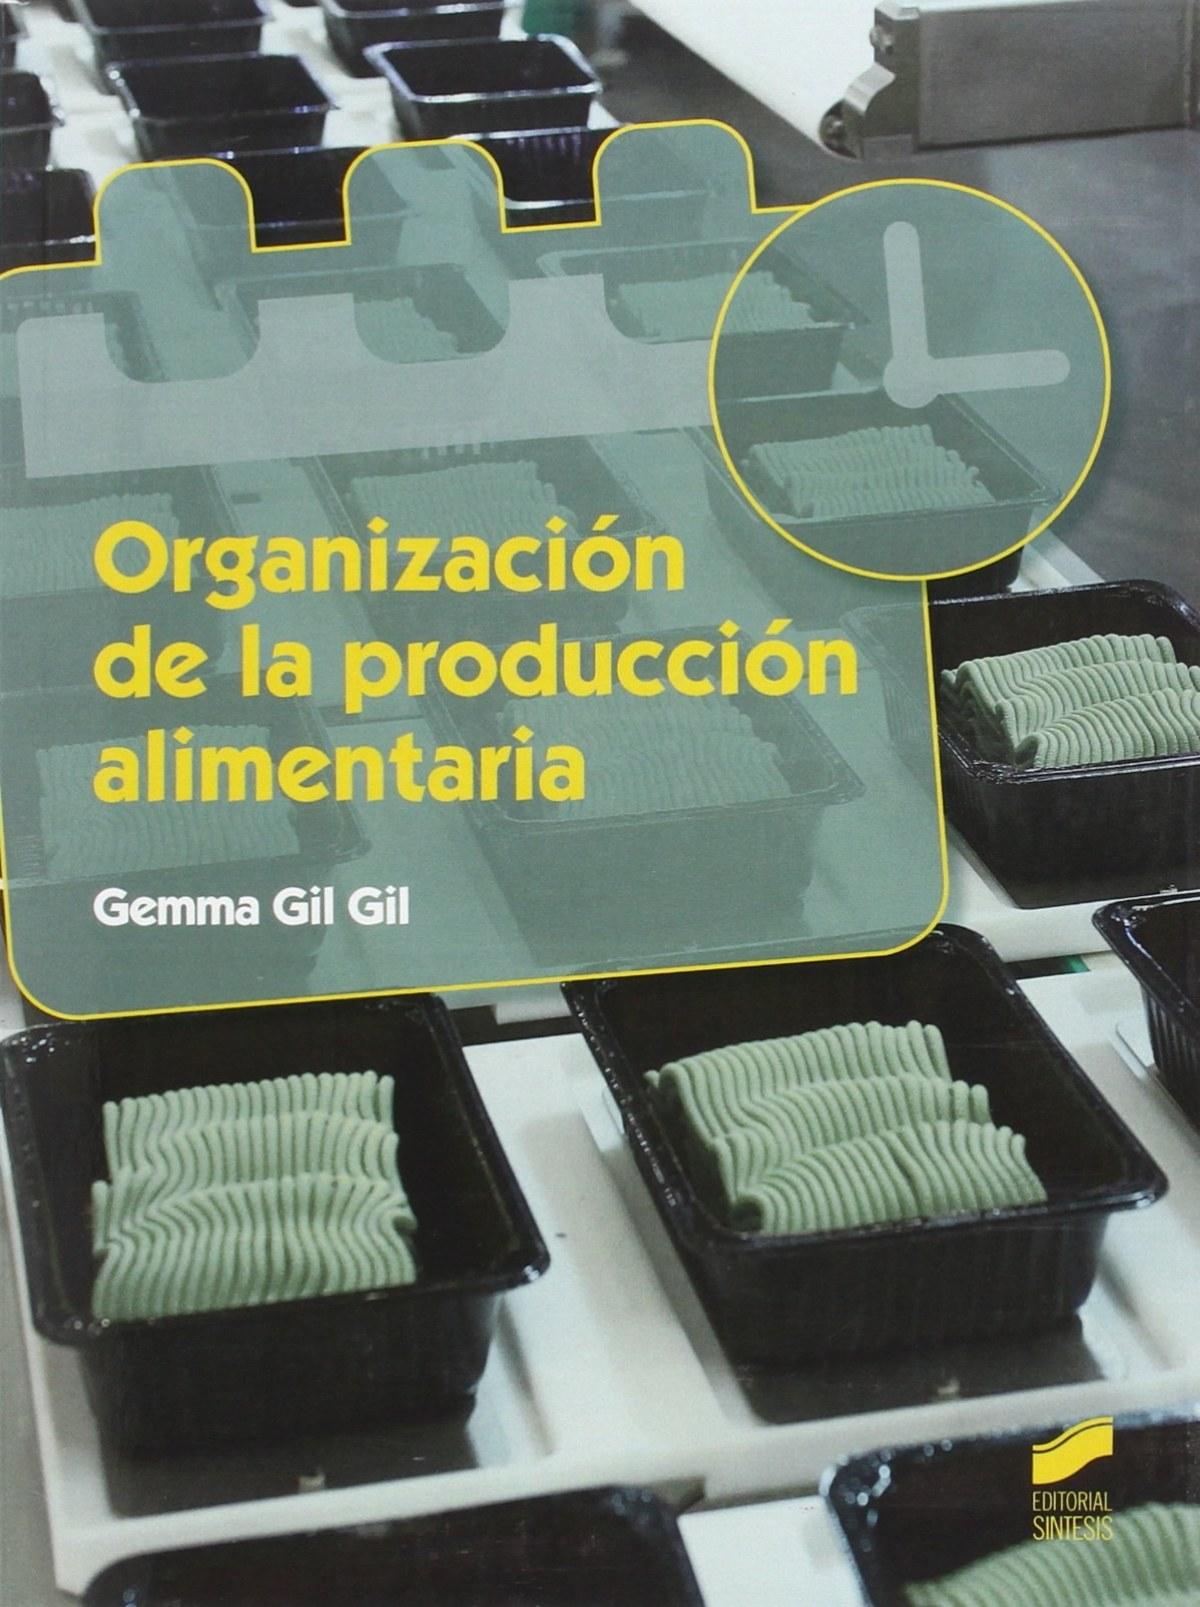 Organización de la producción alimentaria (Industria alimentarias)